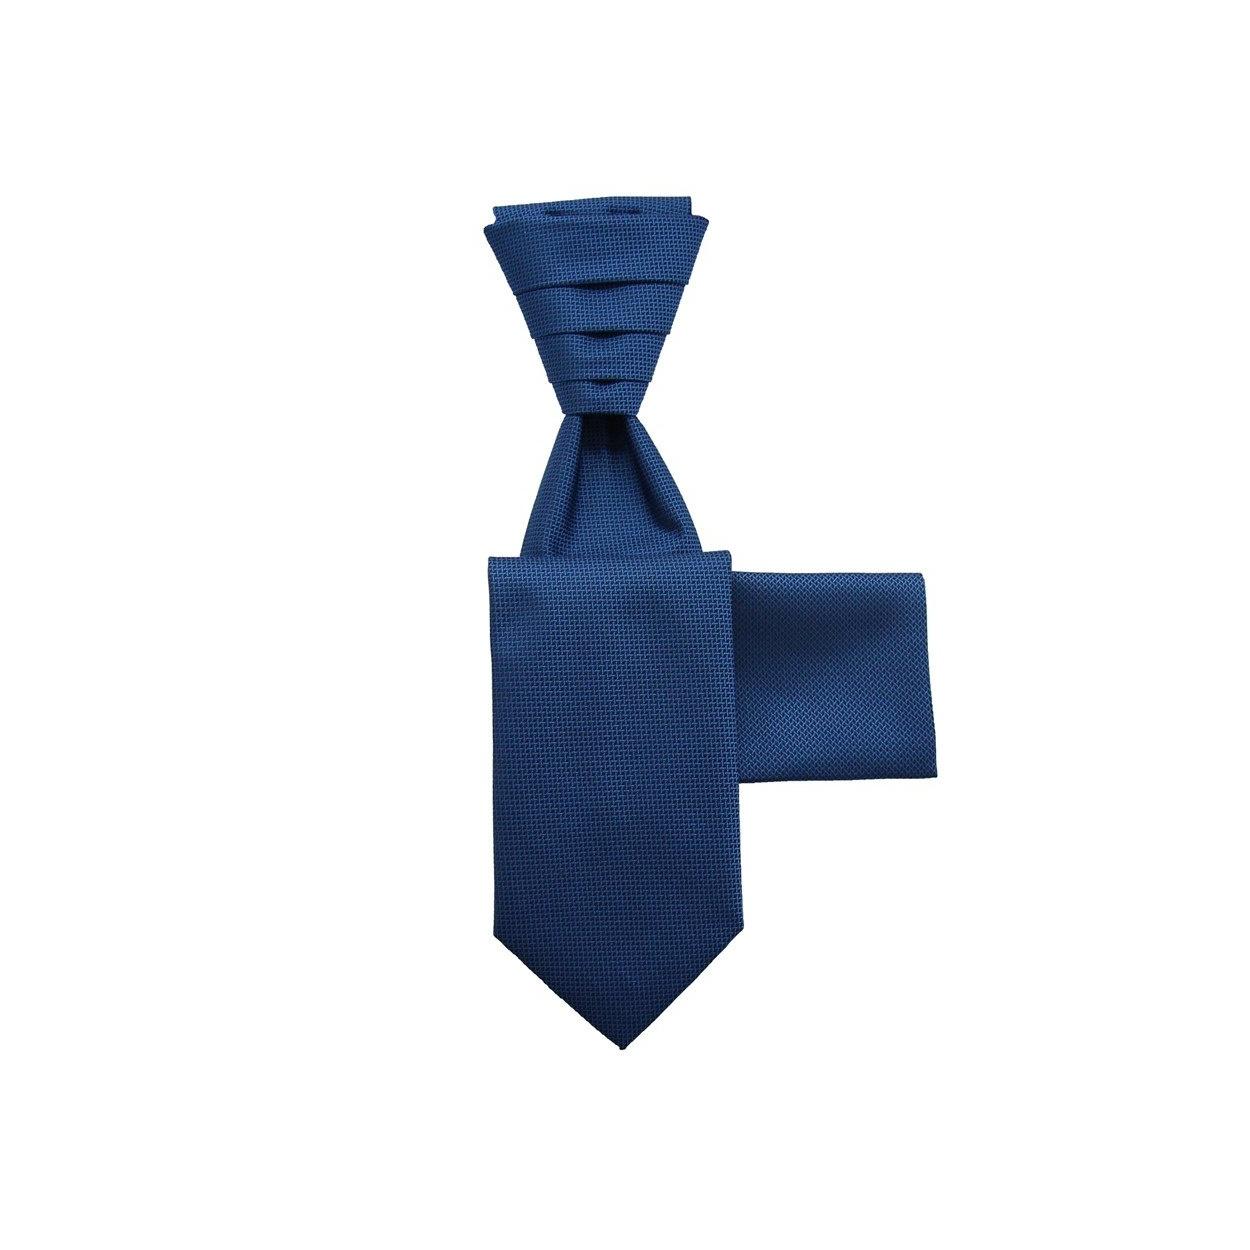 Modrá svatební kravata s kapesníčkem - Regata s jemným mřížkováním